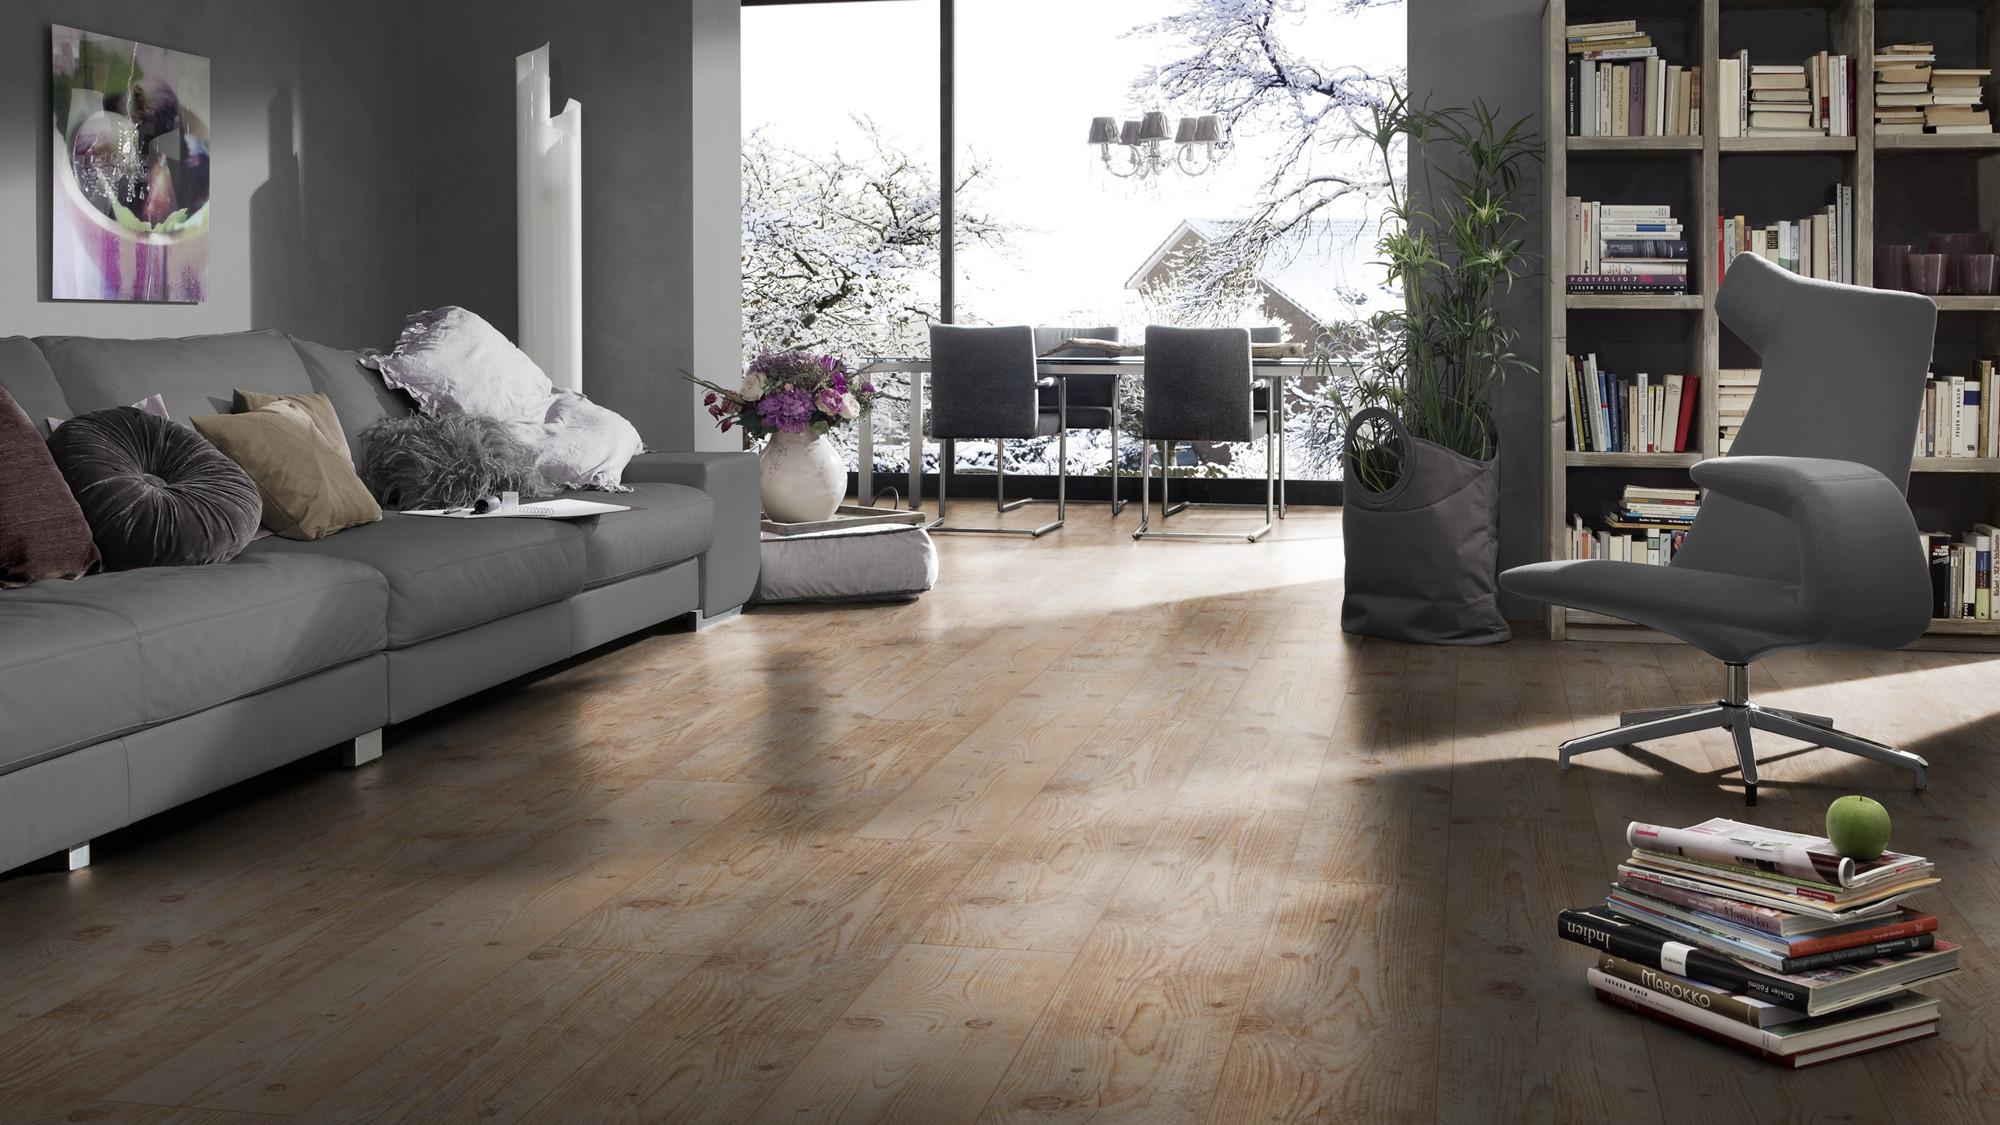 villeroy-boch-laminate-flooring-charlton-pine-8mm-2